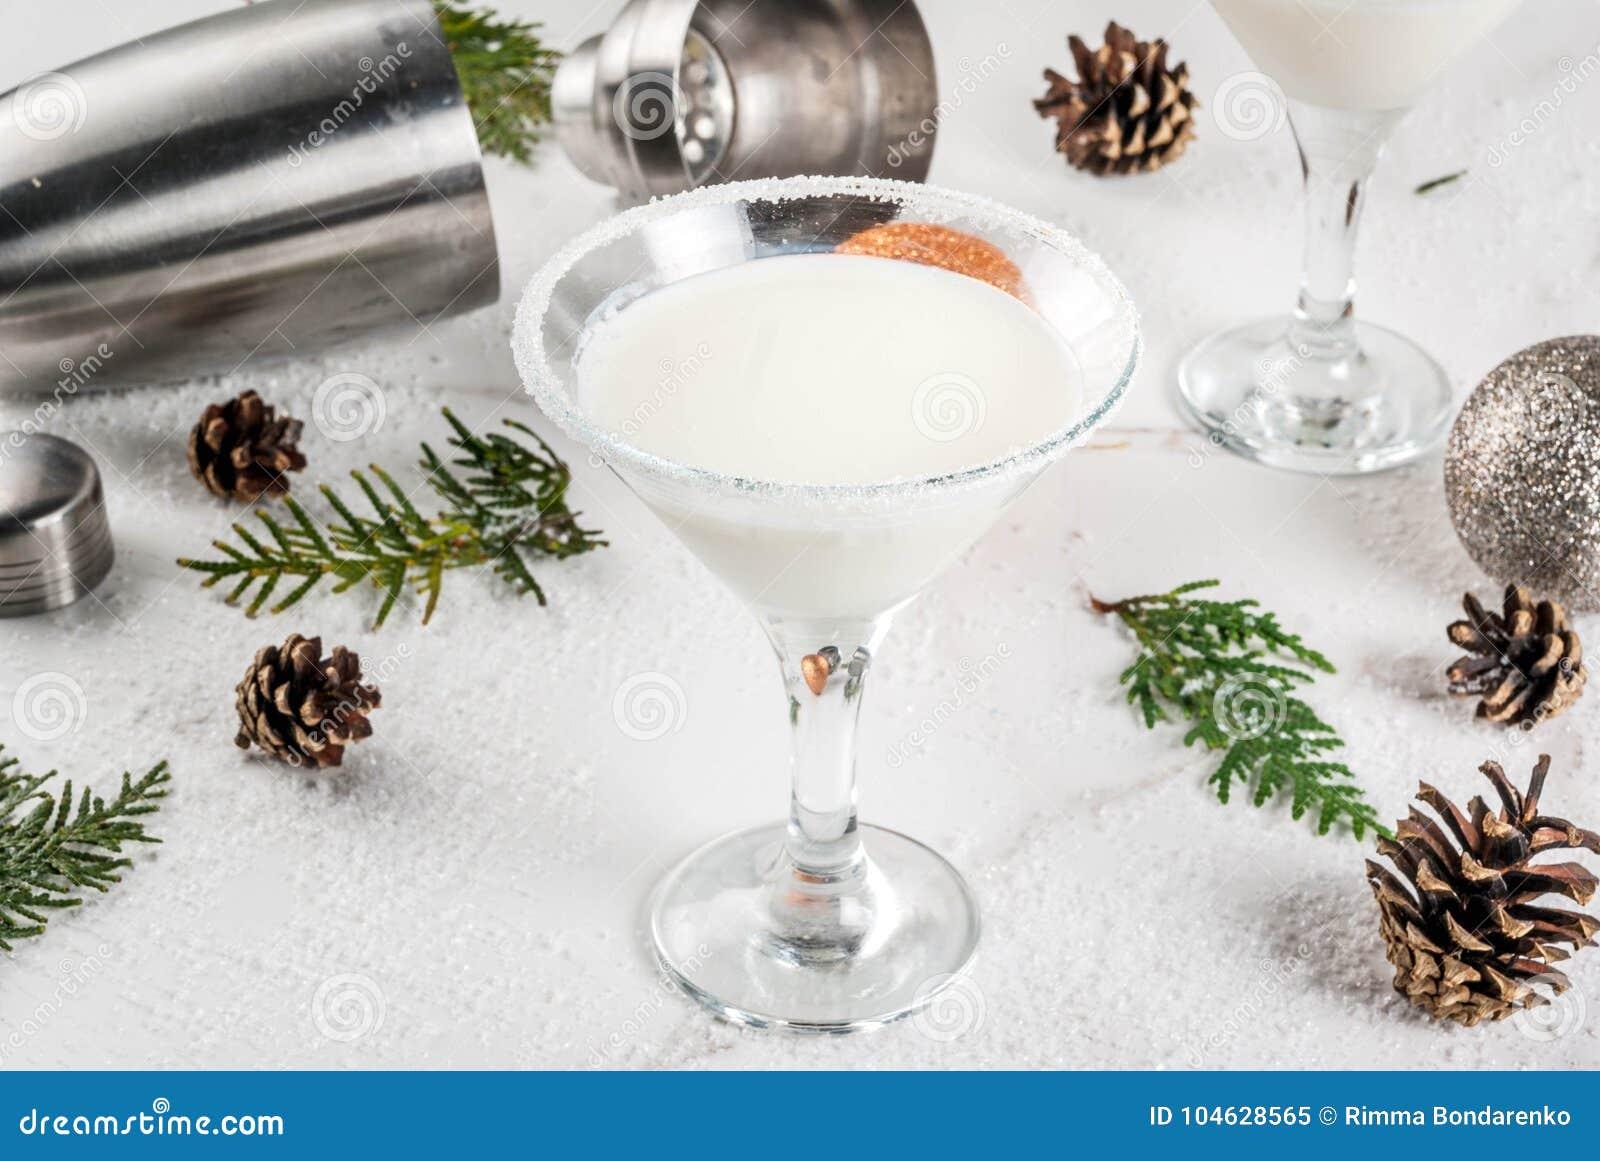 Download Kerstmissneeuwvlok Martini stock afbeelding. Afbeelding bestaande uit pijnboom - 104628565